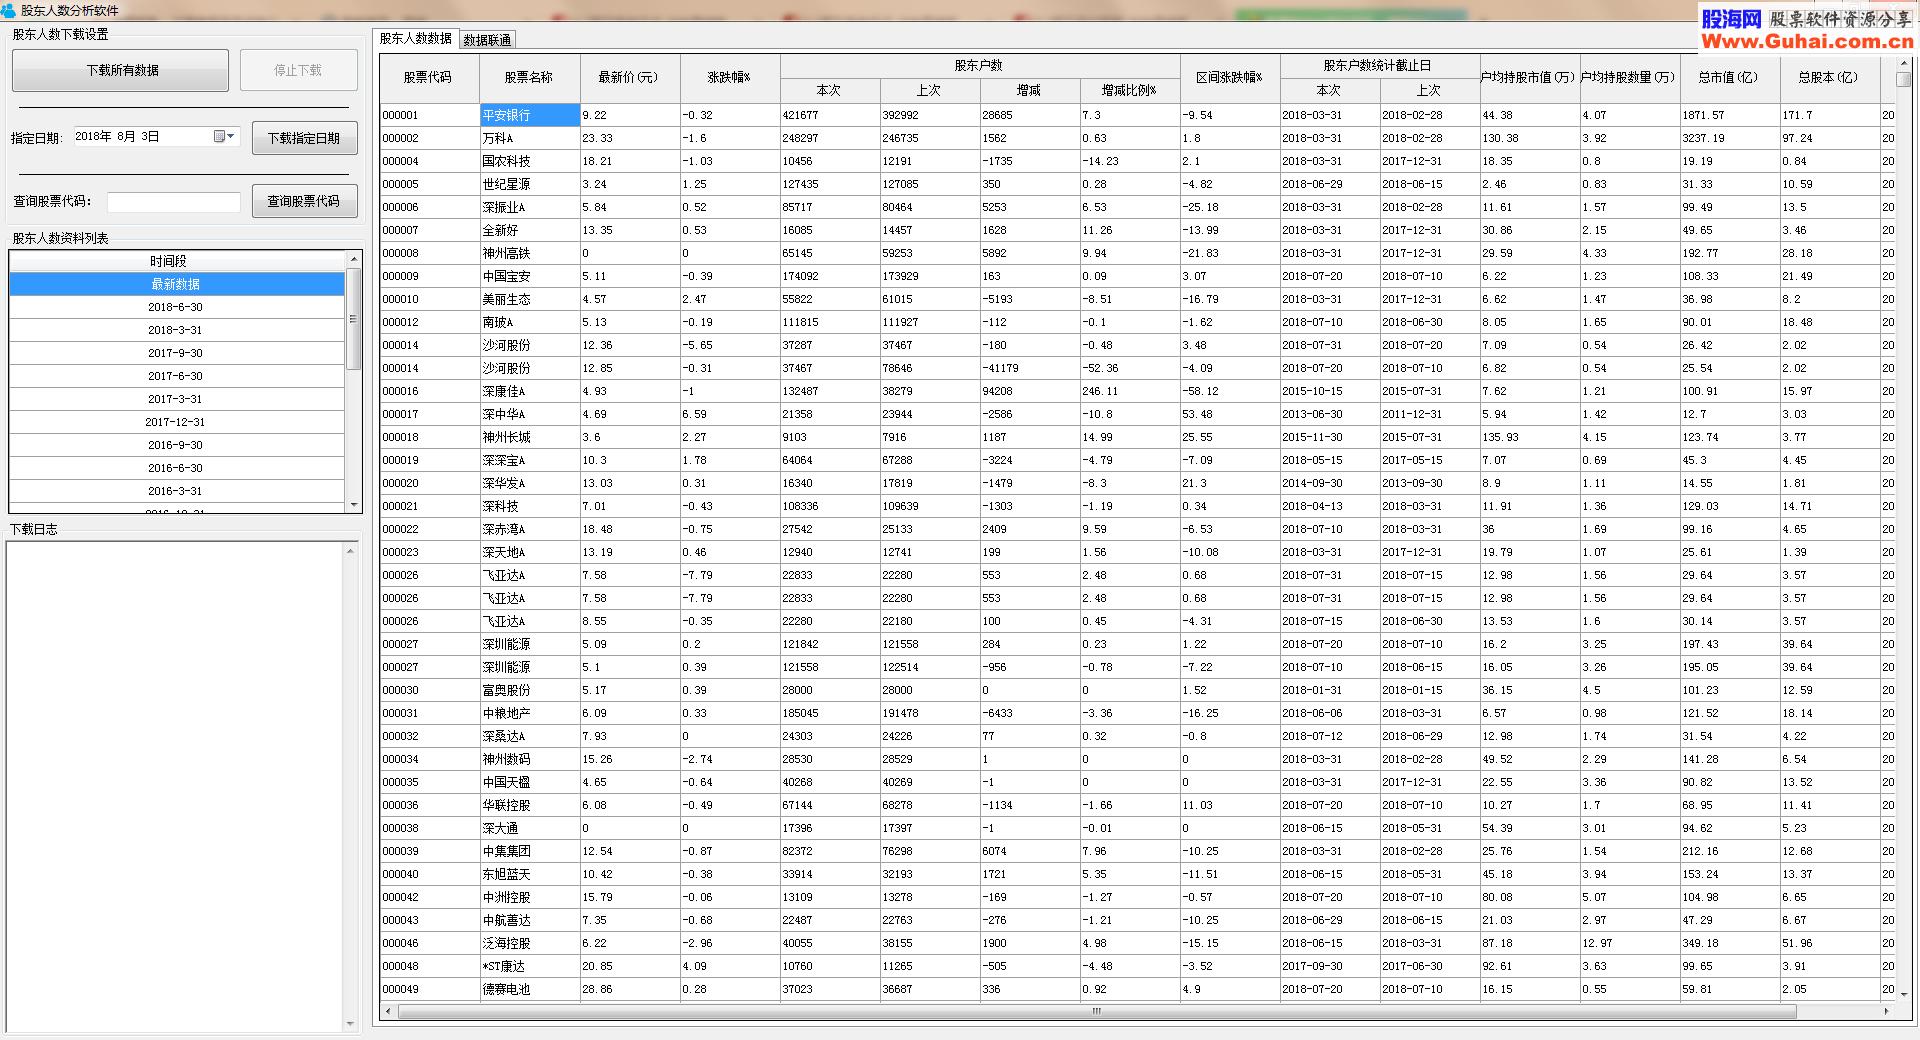 股东人数机构主力庄家数据分析决策黑马选股票软件